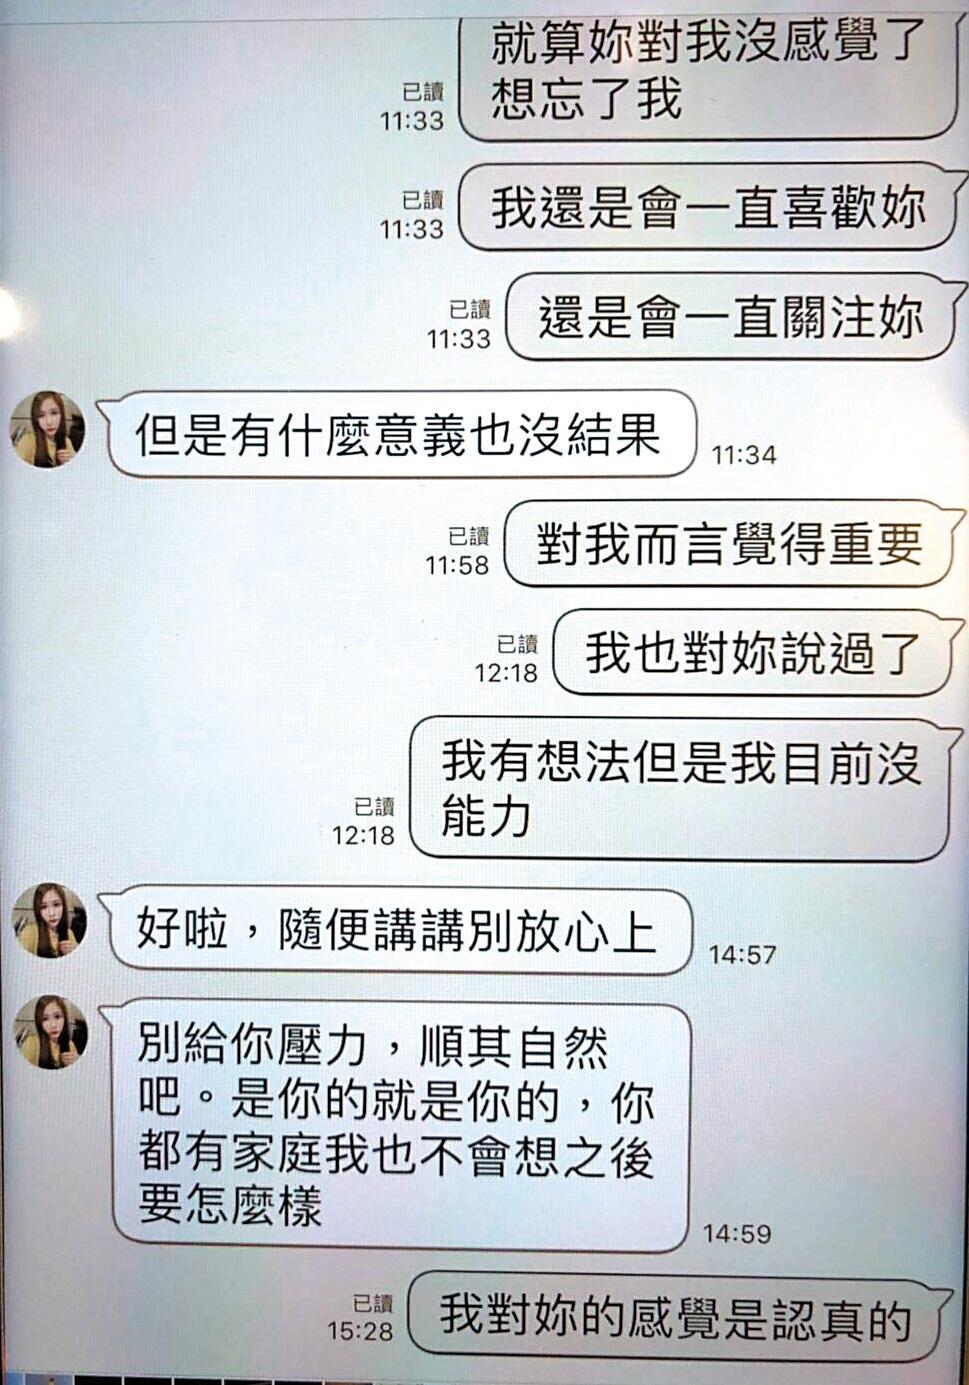 小三葉女因鄭承浩已婚身分鬧彆扭,鄭承浩立即用甜言蜜語拍拍。(讀者提供)